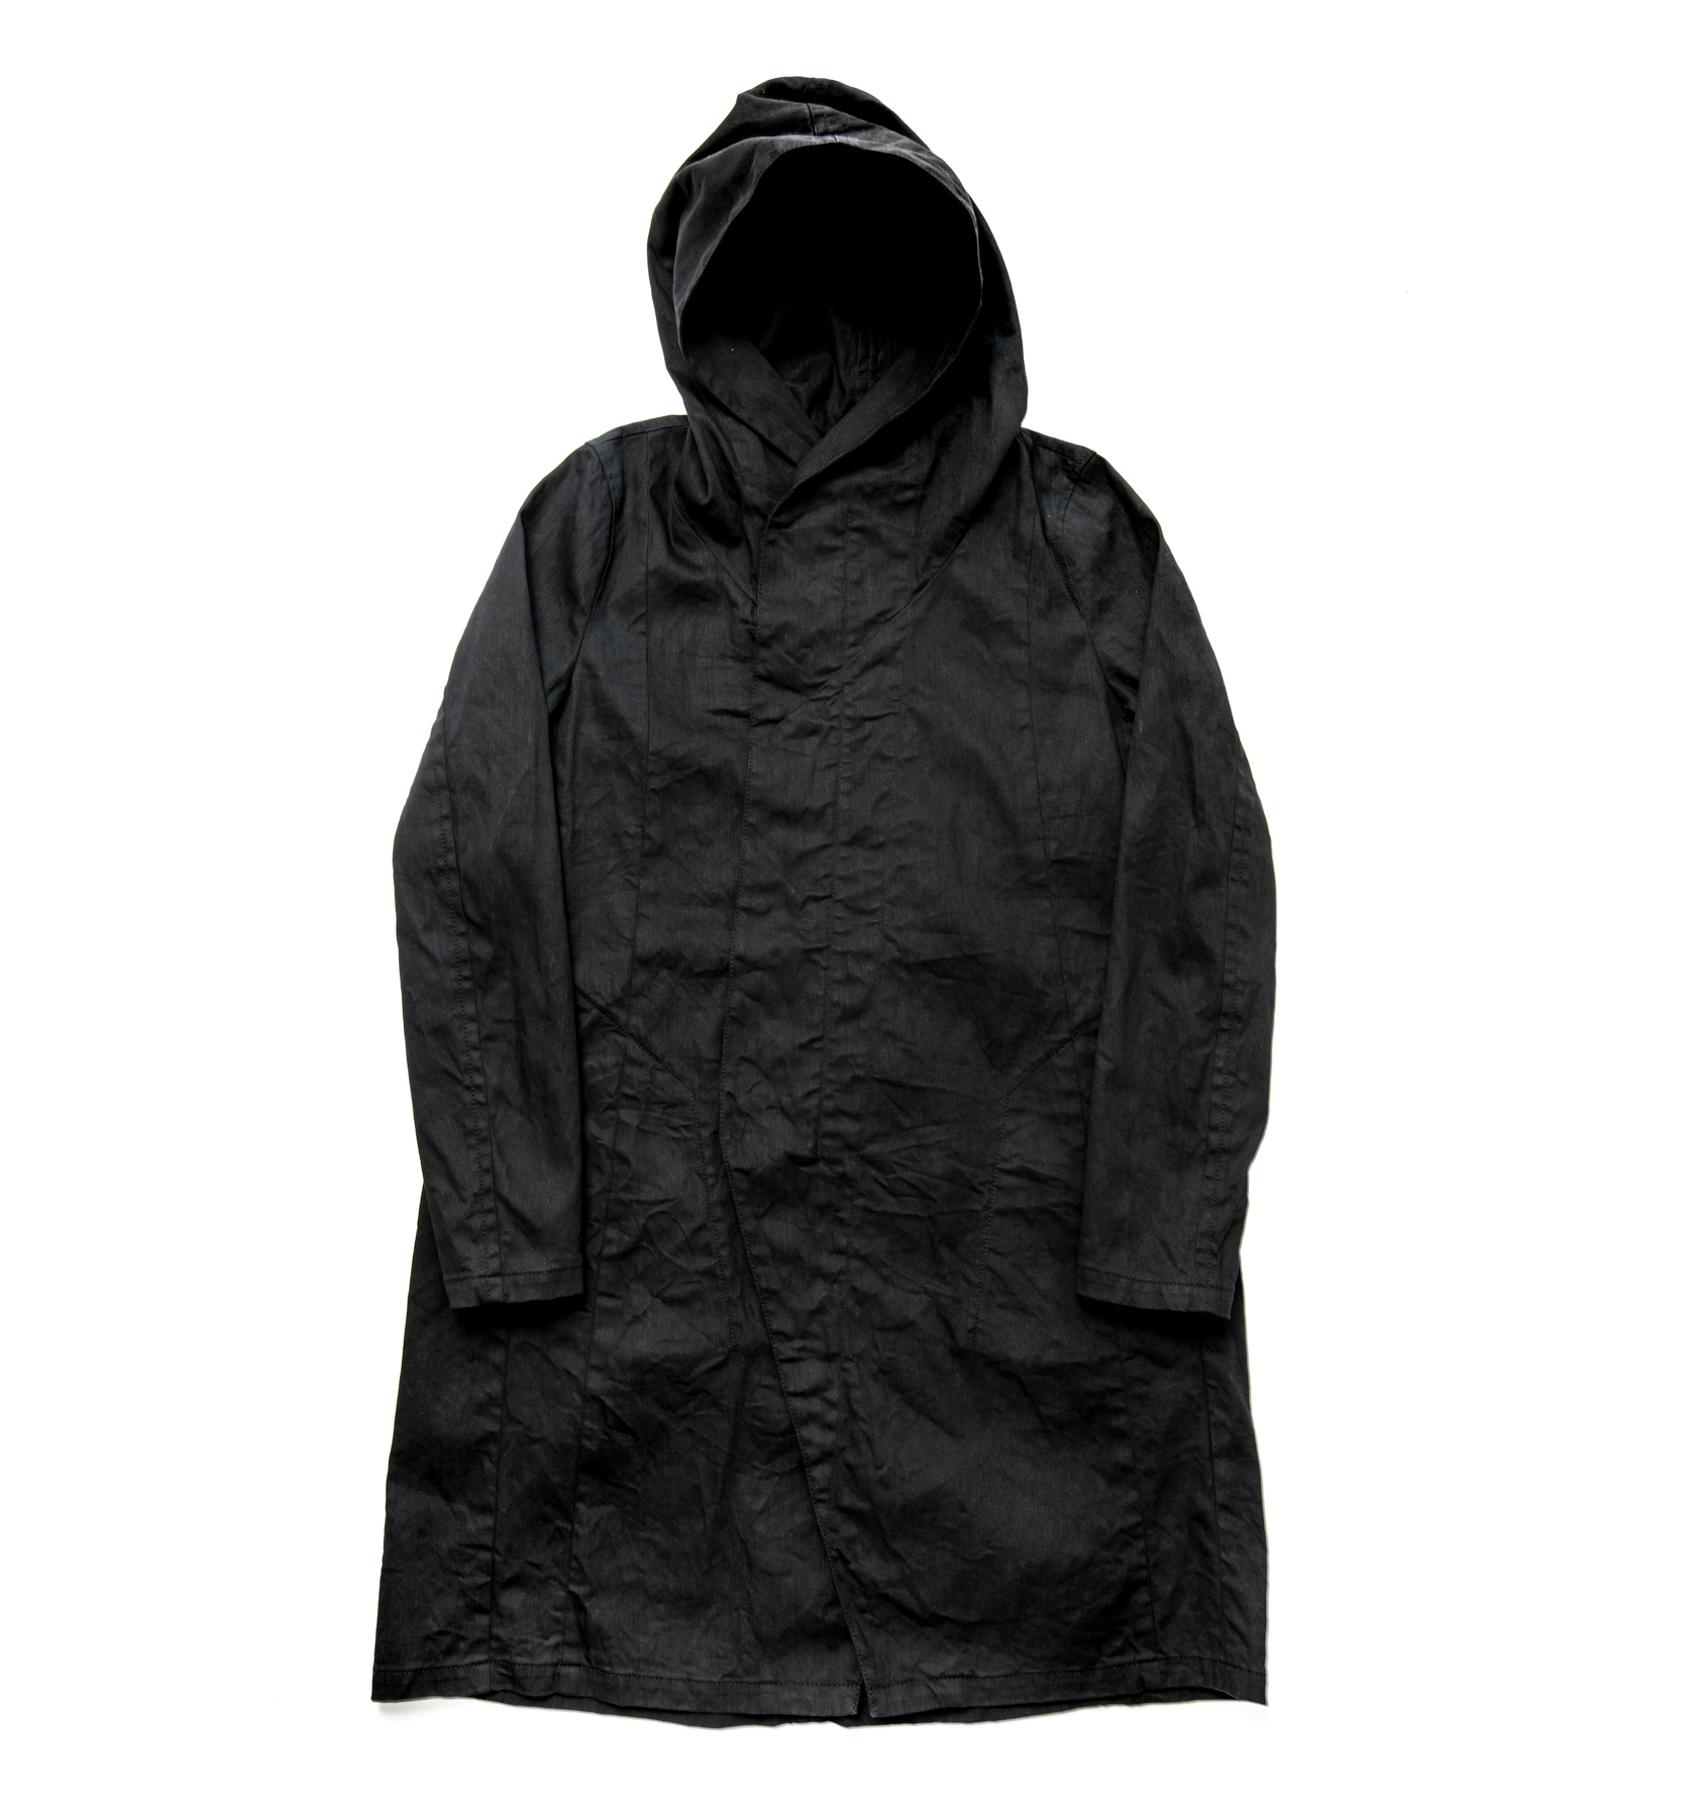 587COM2-BLACK / ロングフーデッドジャケット